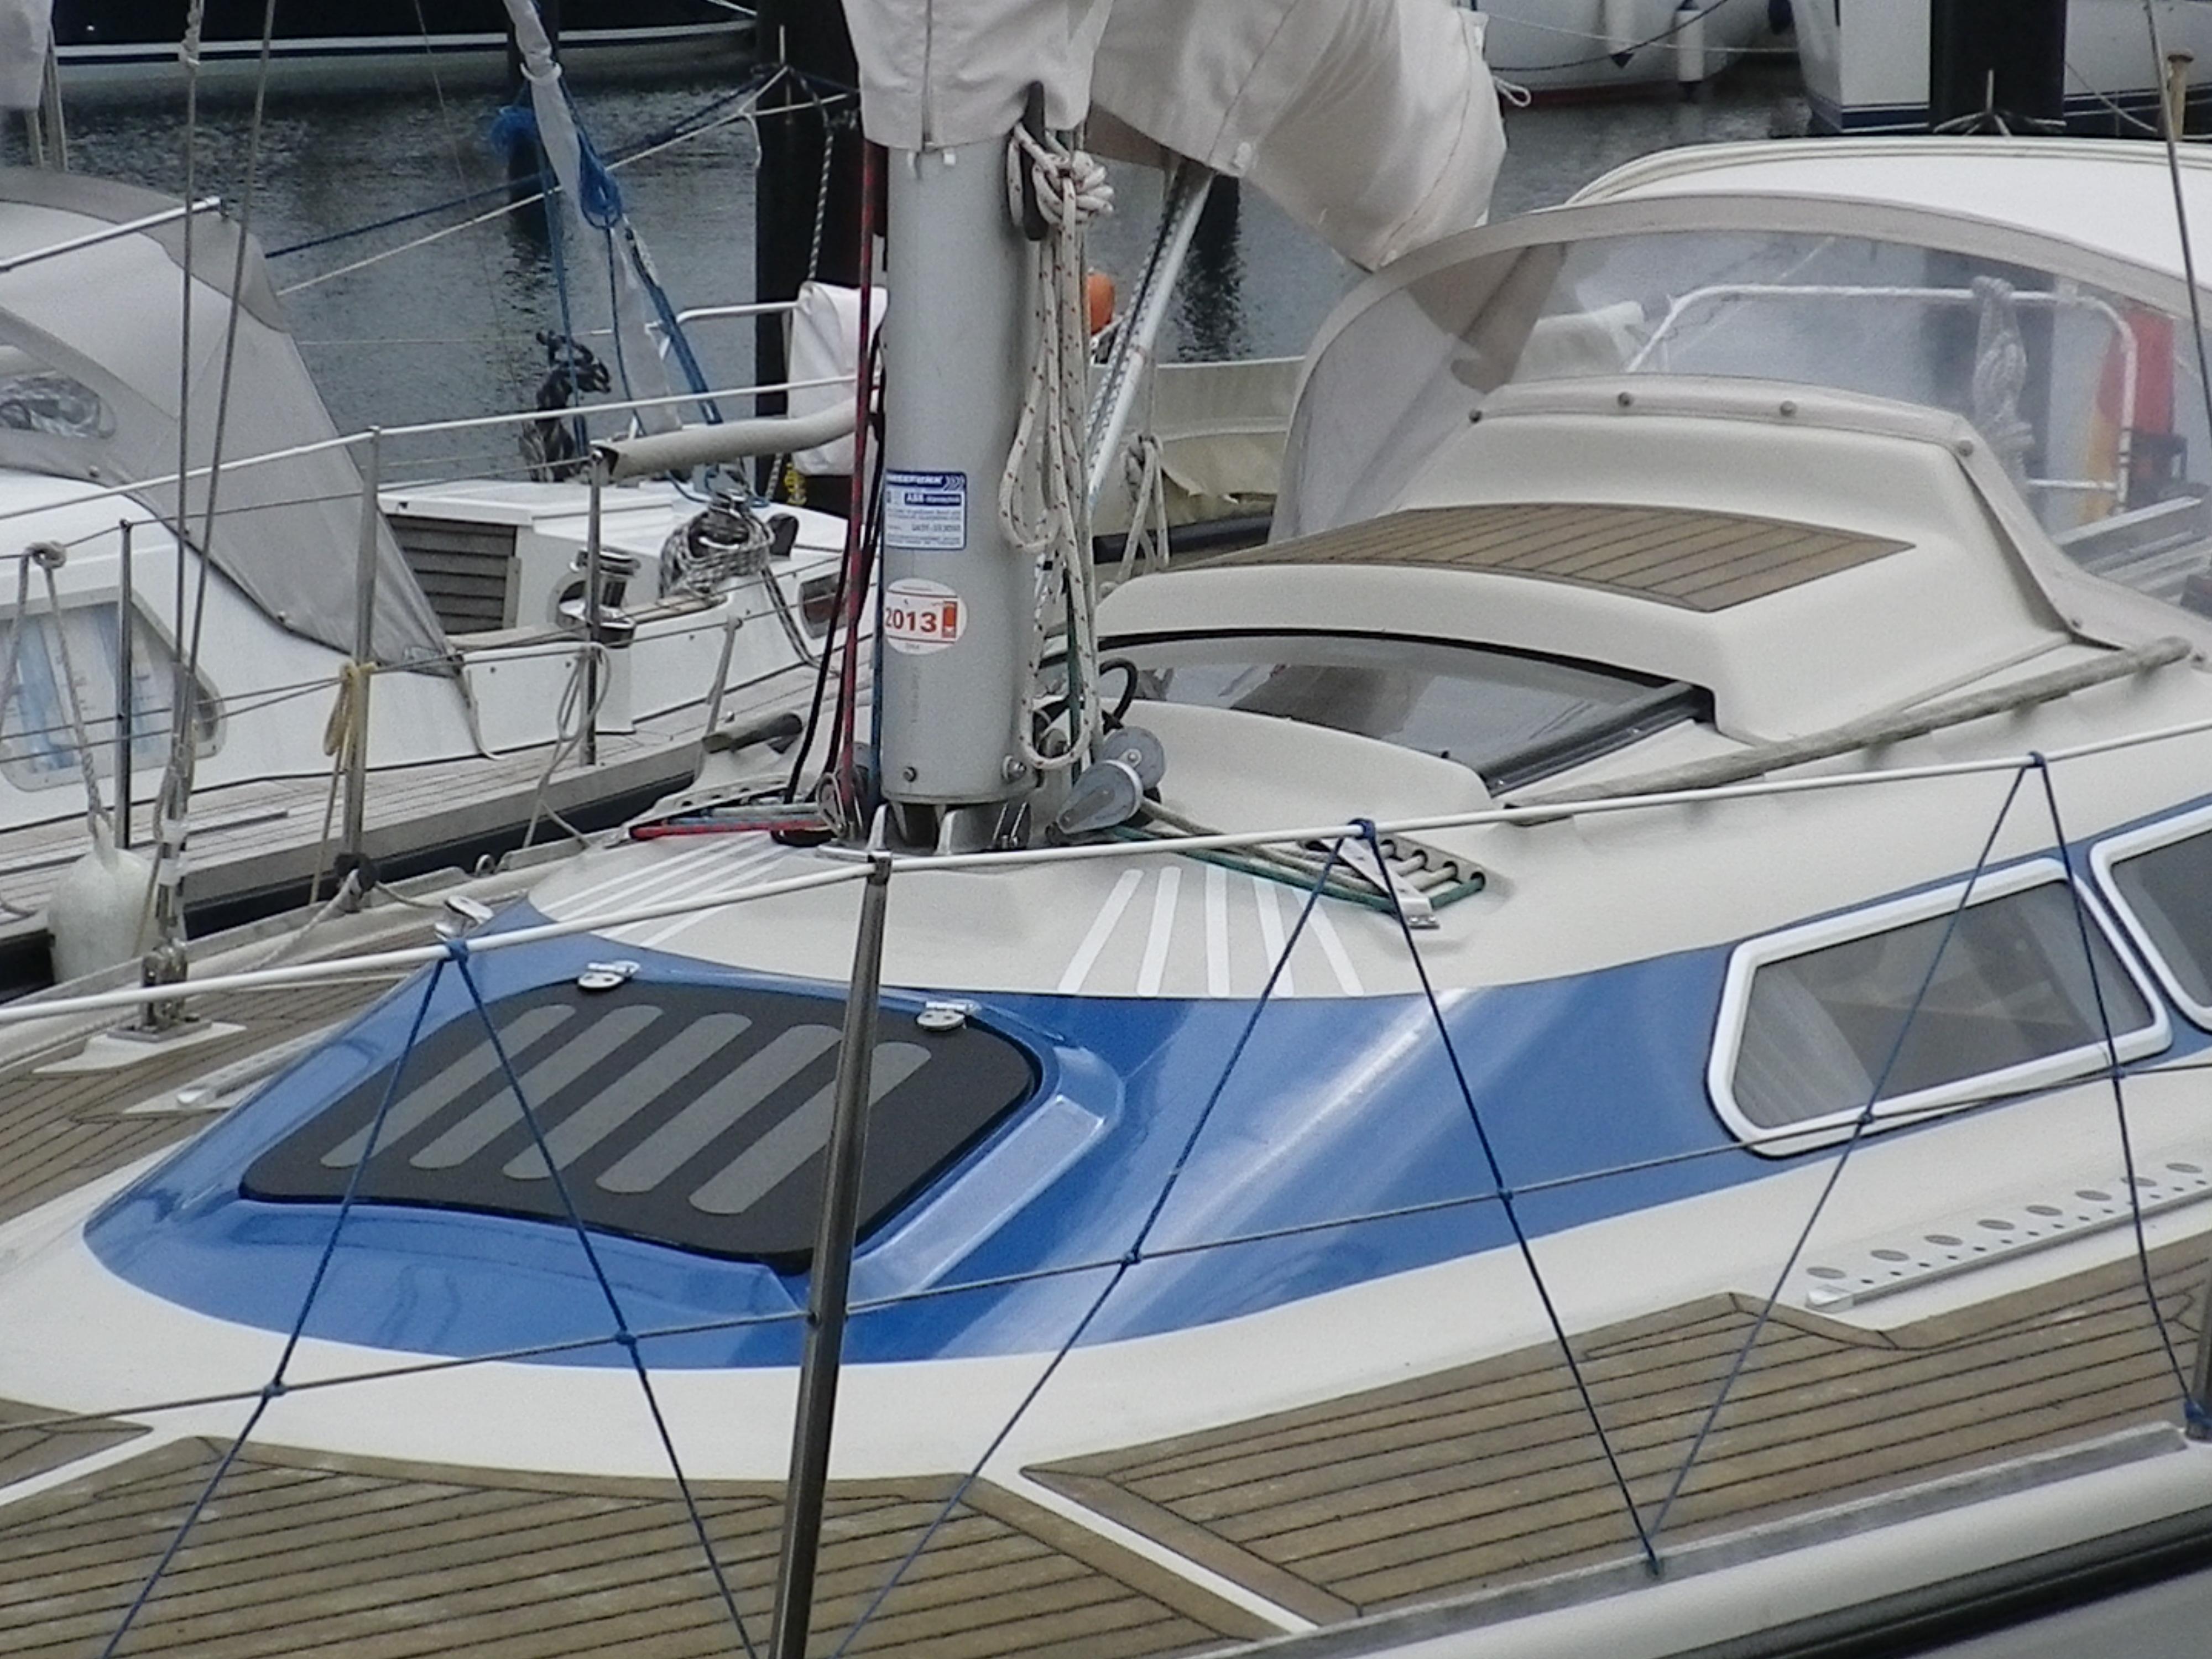 Folierung von Booten